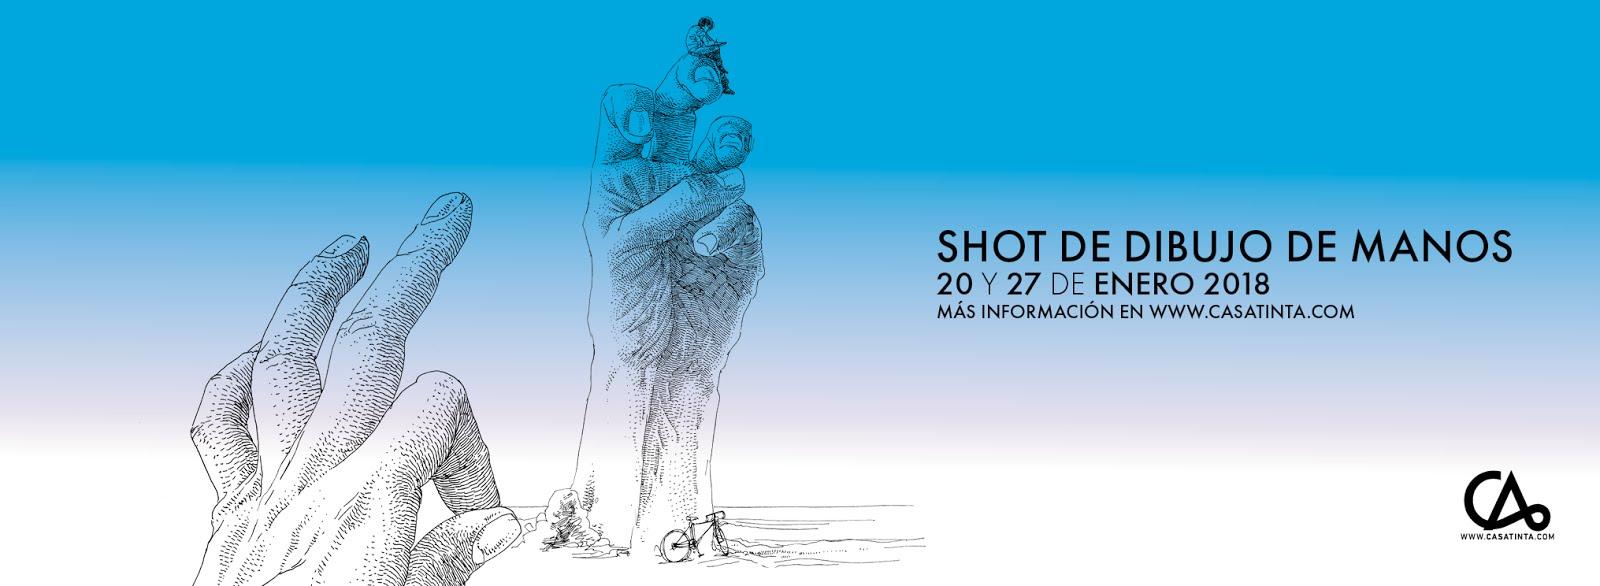 SHOT DIBUJO DE MANOS // 20 de enero